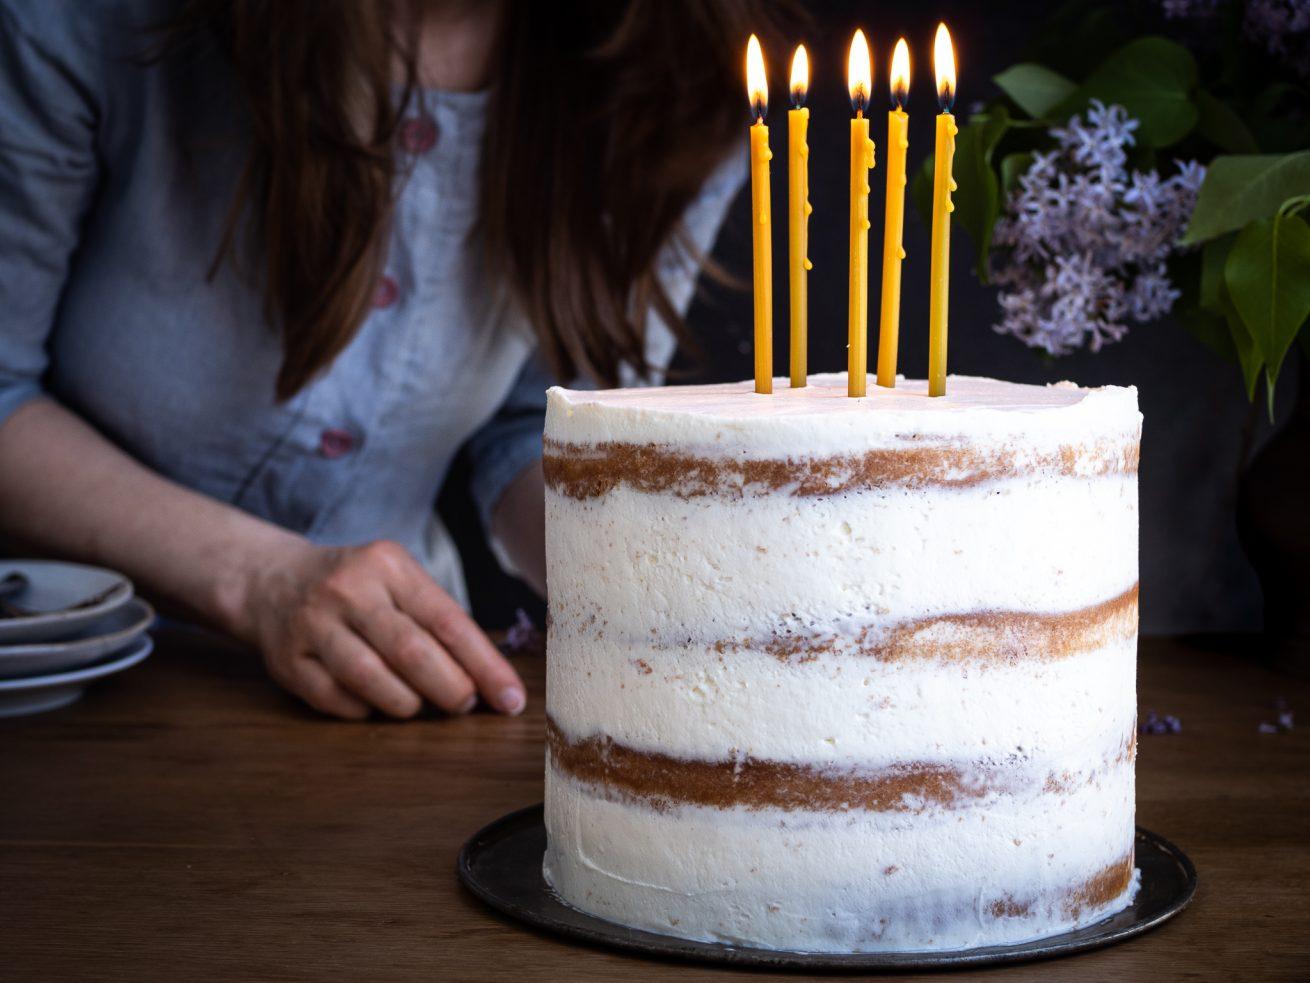 narodeninová torta so sviečkami